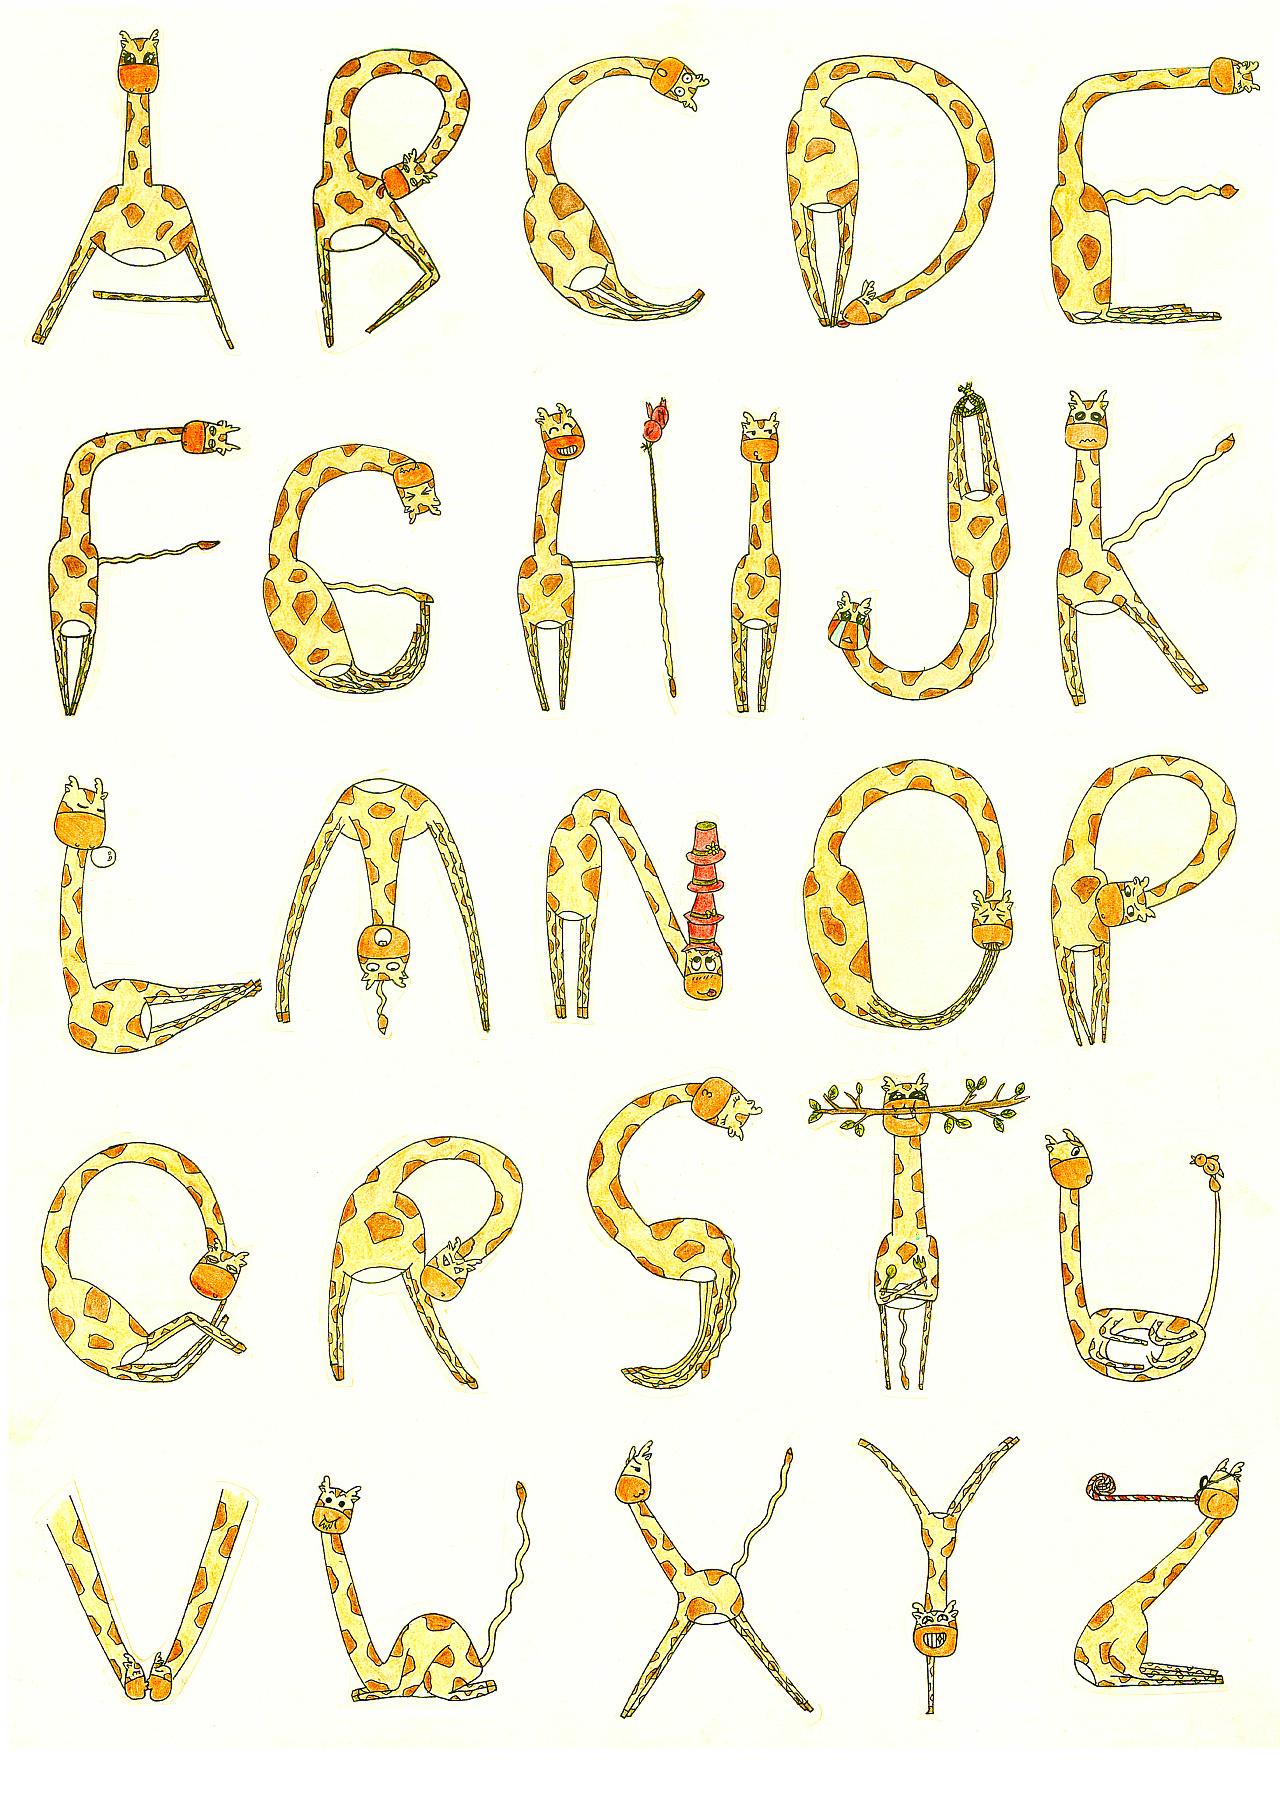 夸张扭曲的身体加上可爱多变的表情使原本枯燥单一的字母变得生动起来图片